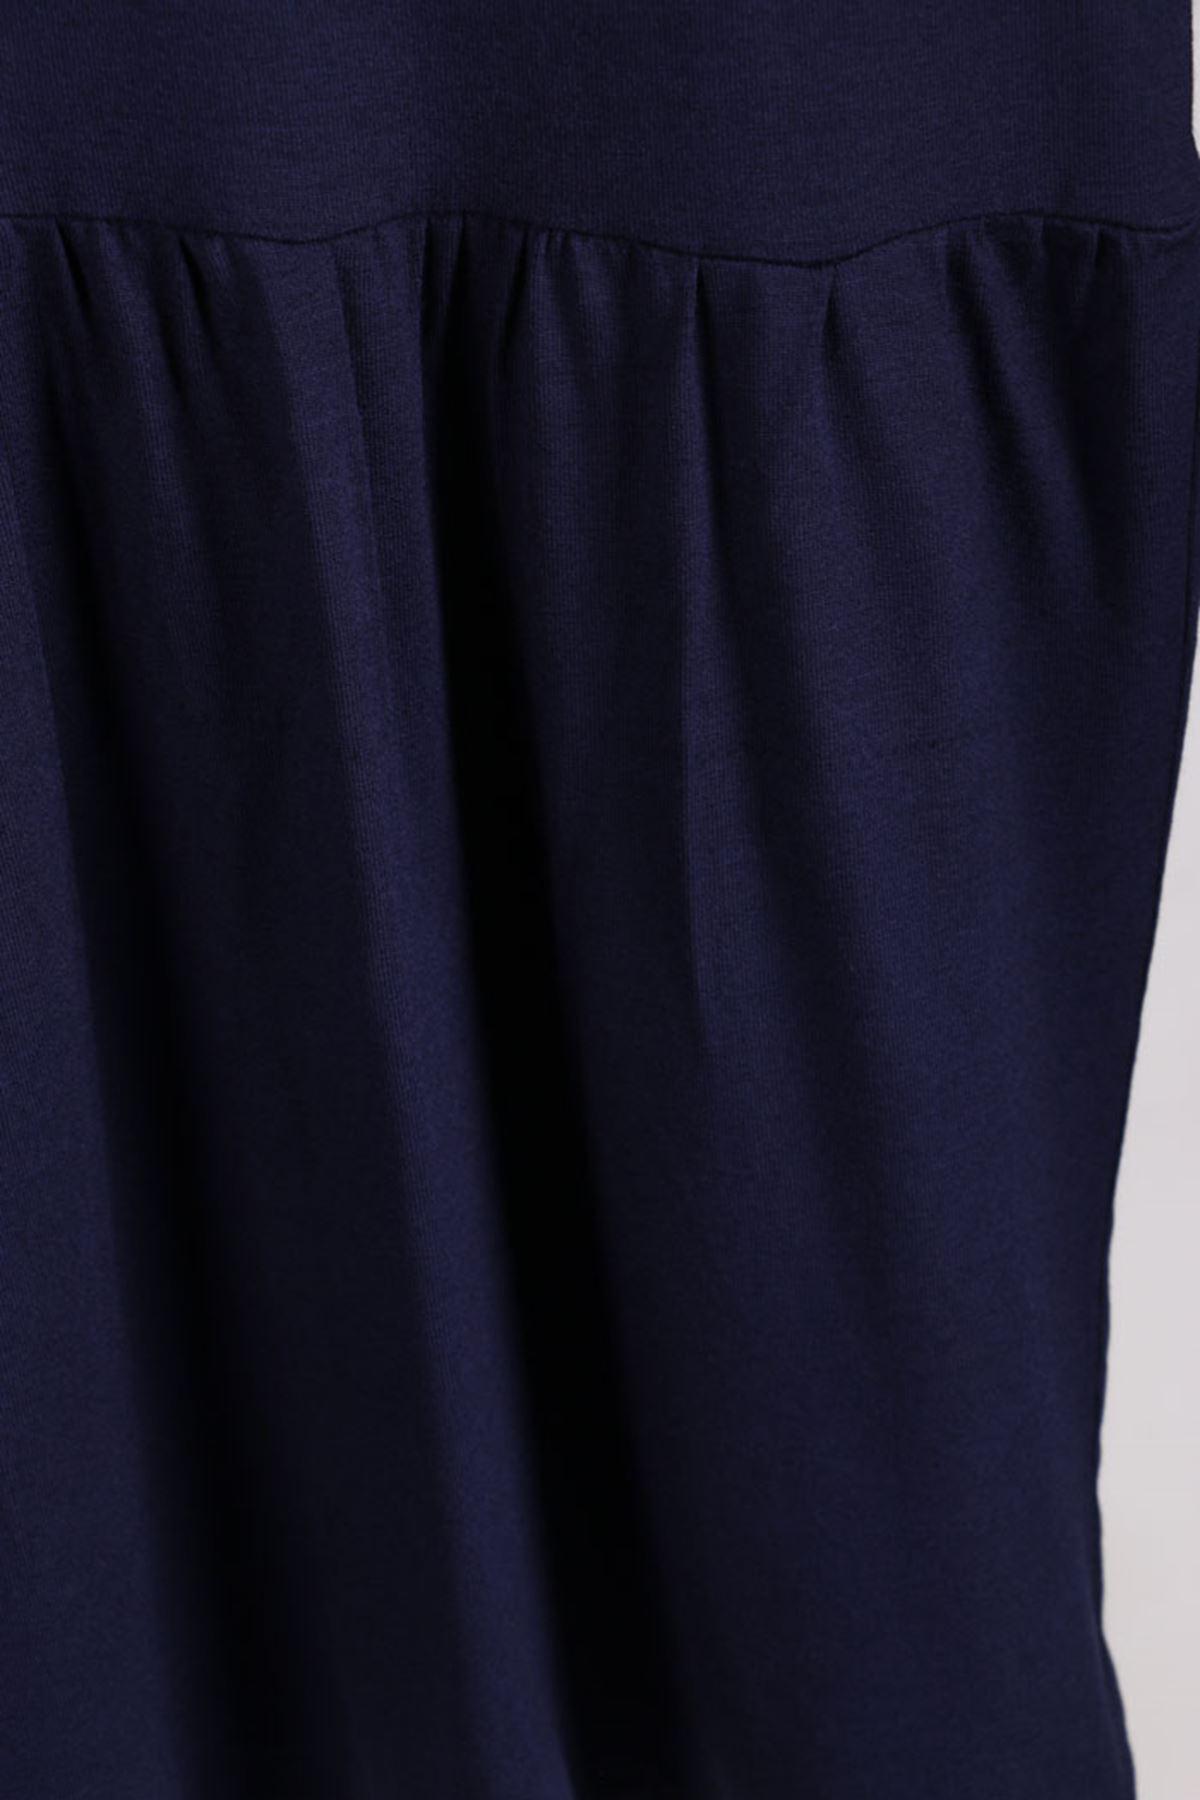 D-2090 Büyük Beden Defolu Önü Düğmeli Penye Elbise - Lacivert